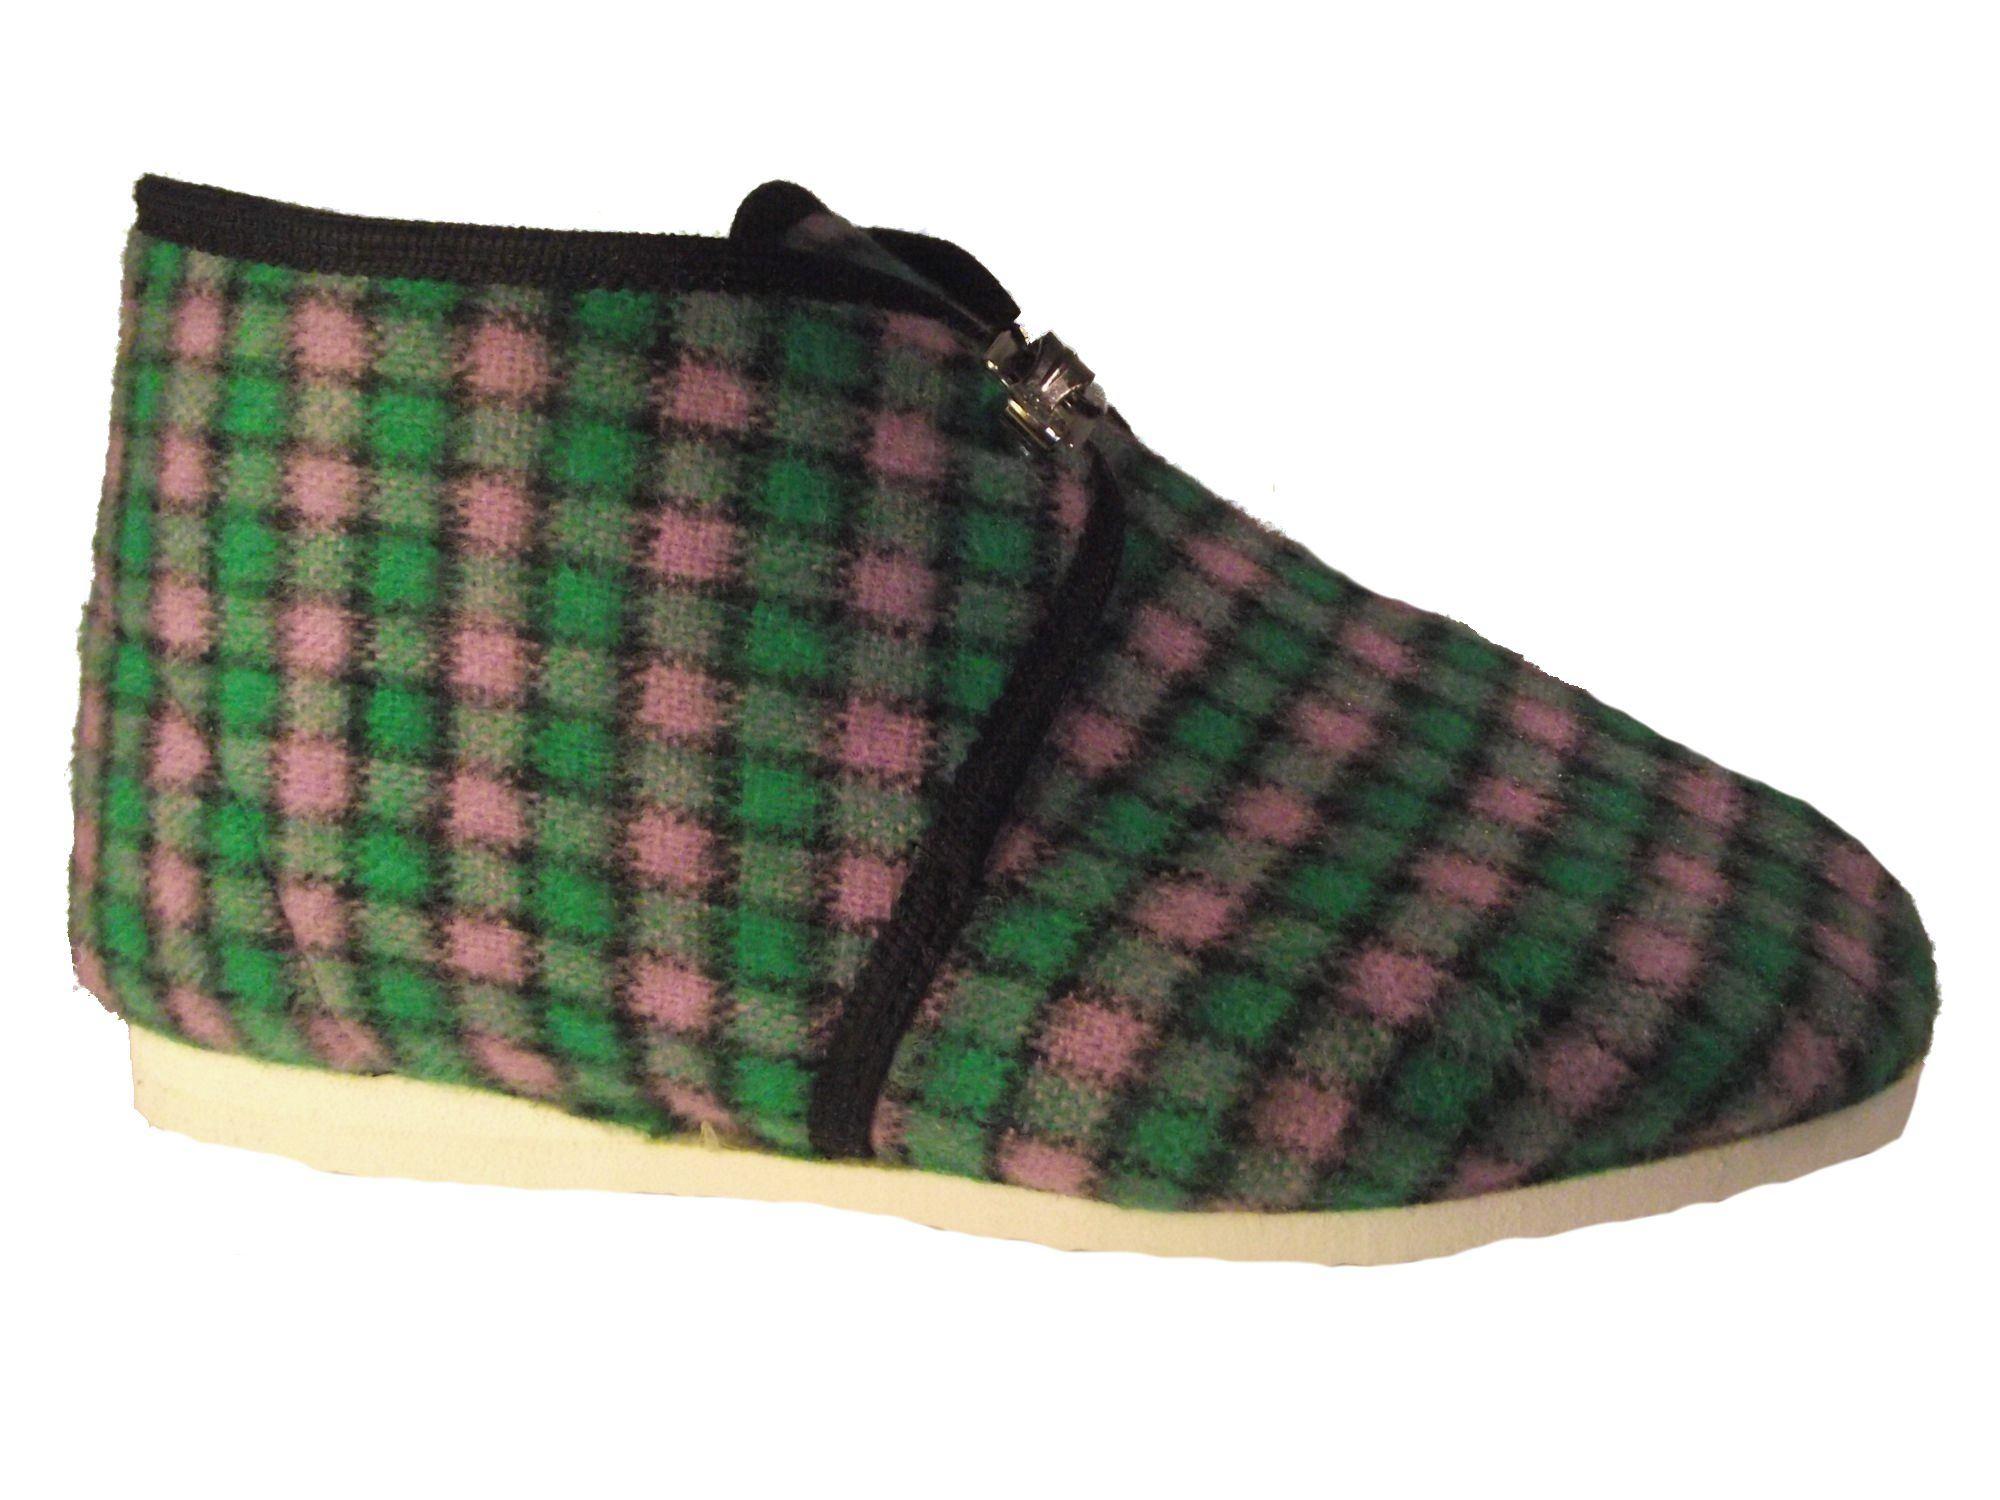 Dámské domácí papuče Bokap 063 zelená Velikost: 37 (EU)